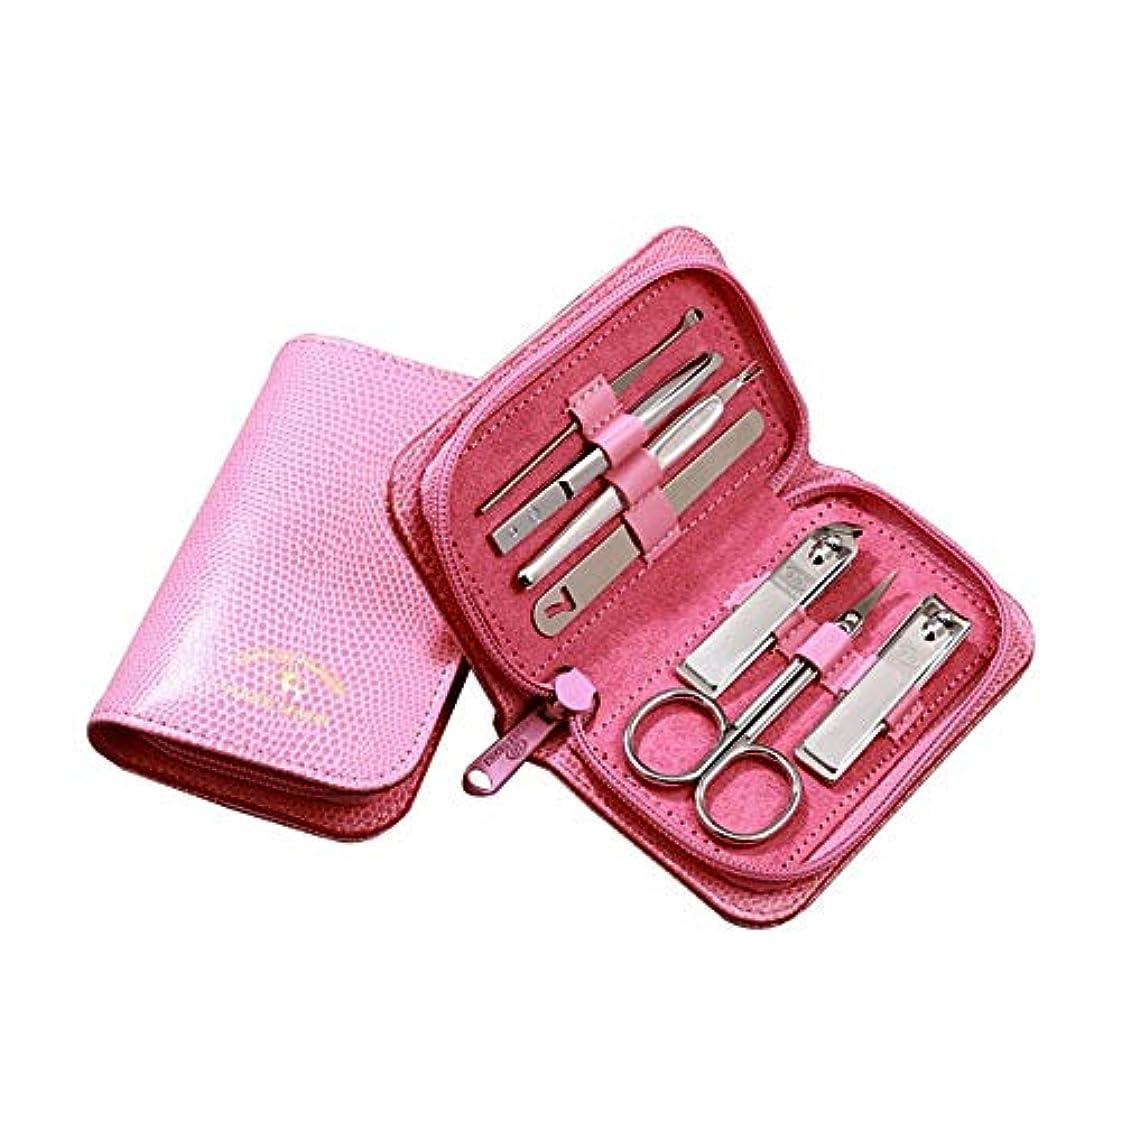 手数料ピービッシュカヌーZGSH 多機能ネイルクリッパーセット、7ピースマニキュアネイルツール、シャープで耐久性のあるステンレススチール素材 (Color : Pink)